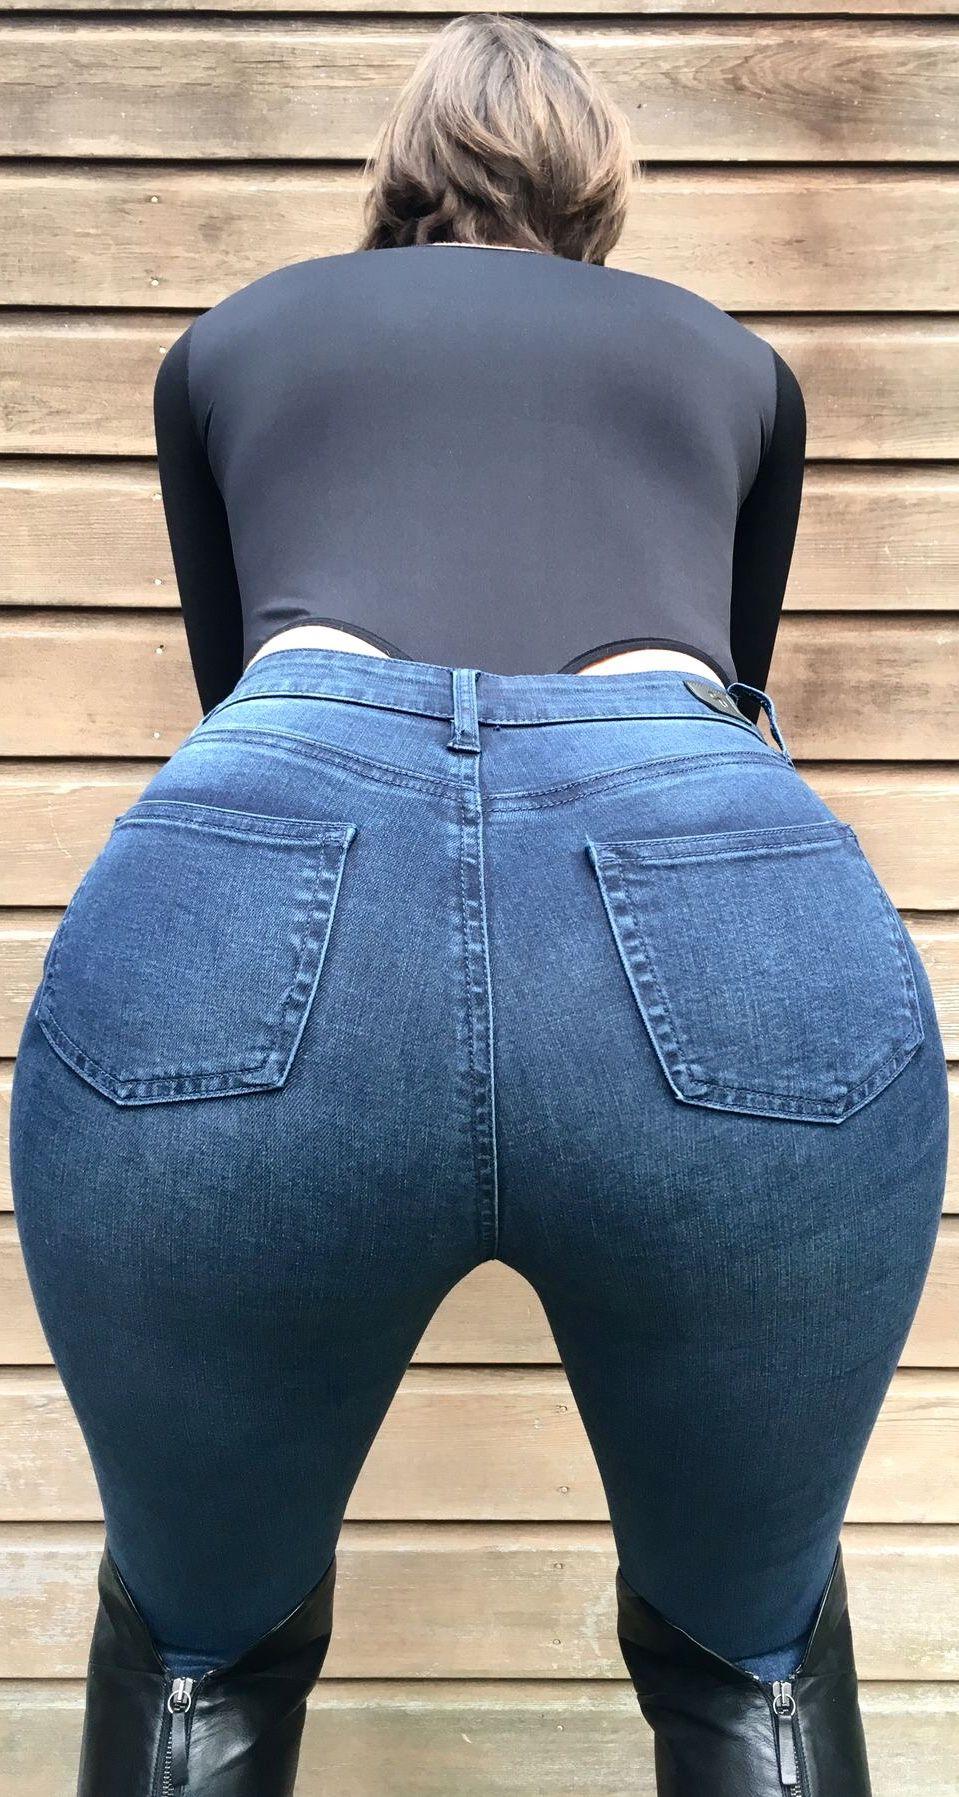 круглая попка в джинсах видео